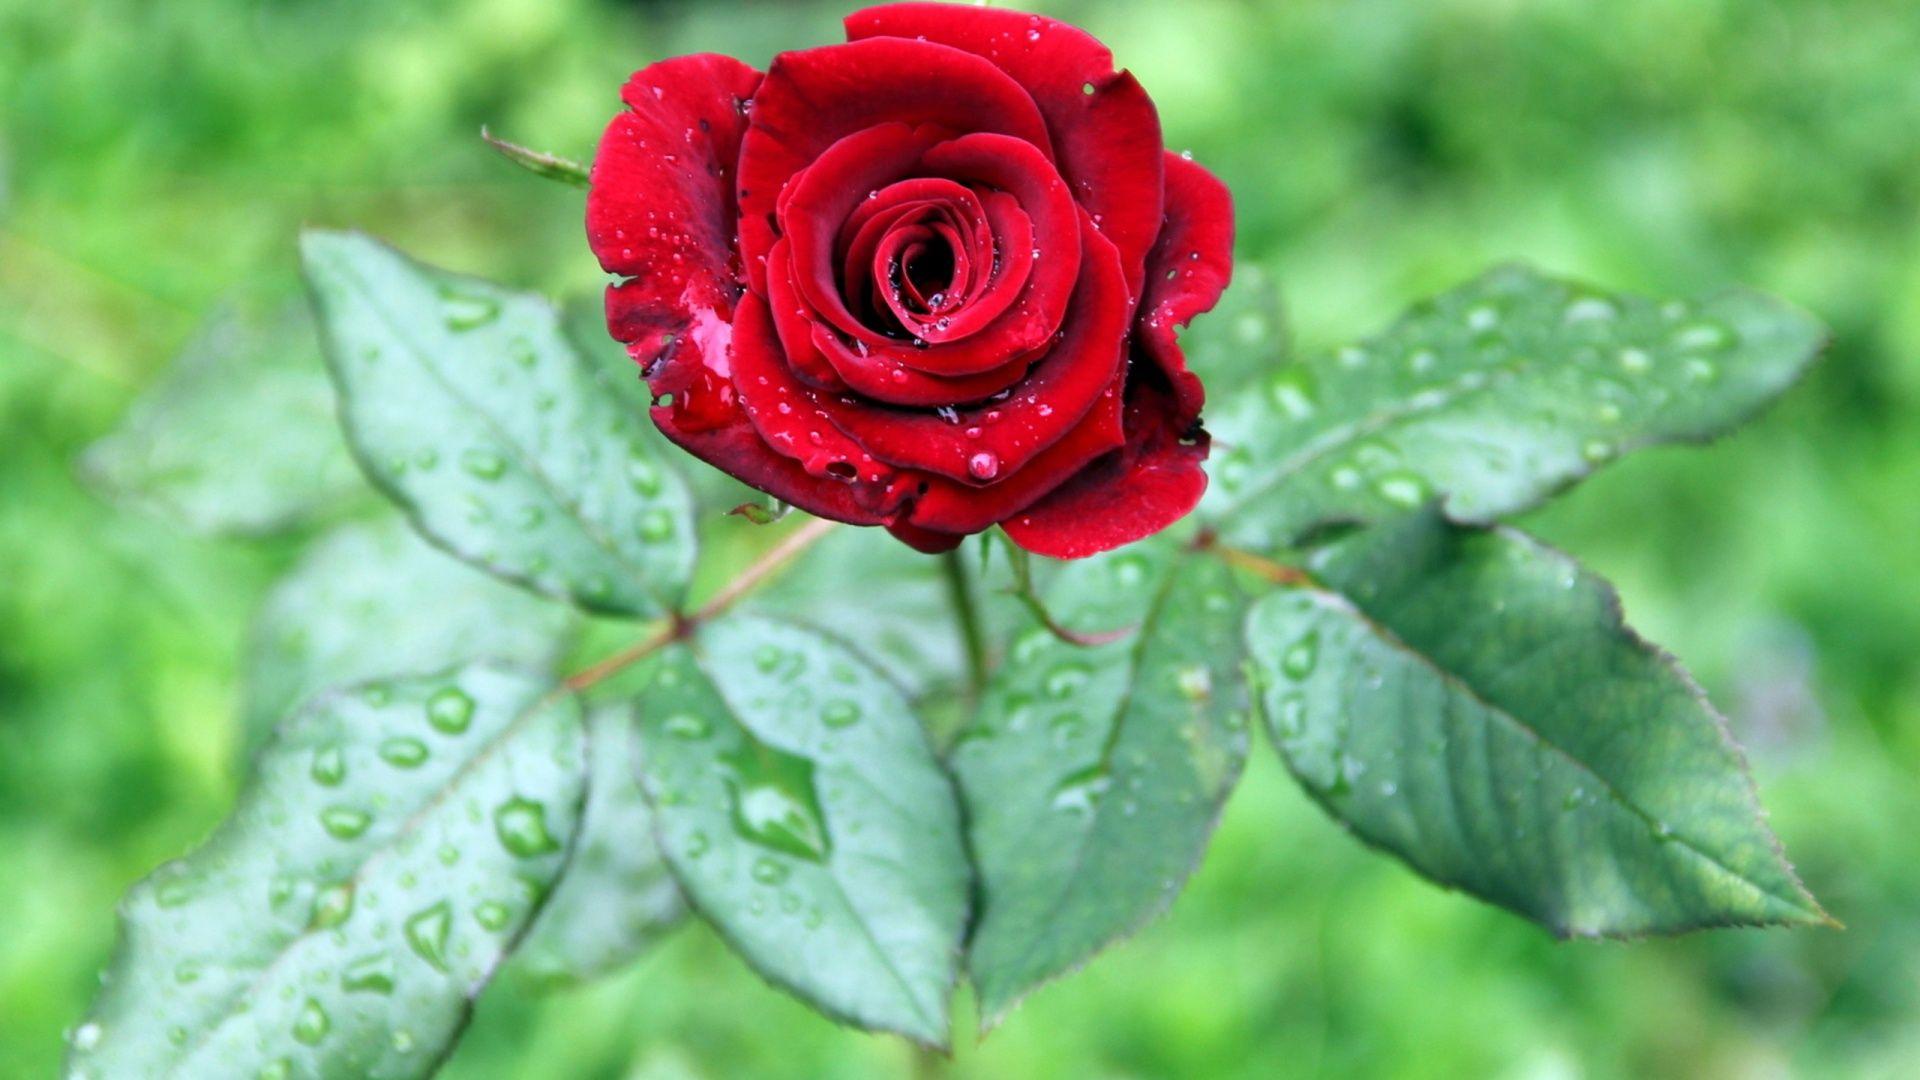 Full Hd Rose Flower Wallpapers Red Rose Flower Rose Flower